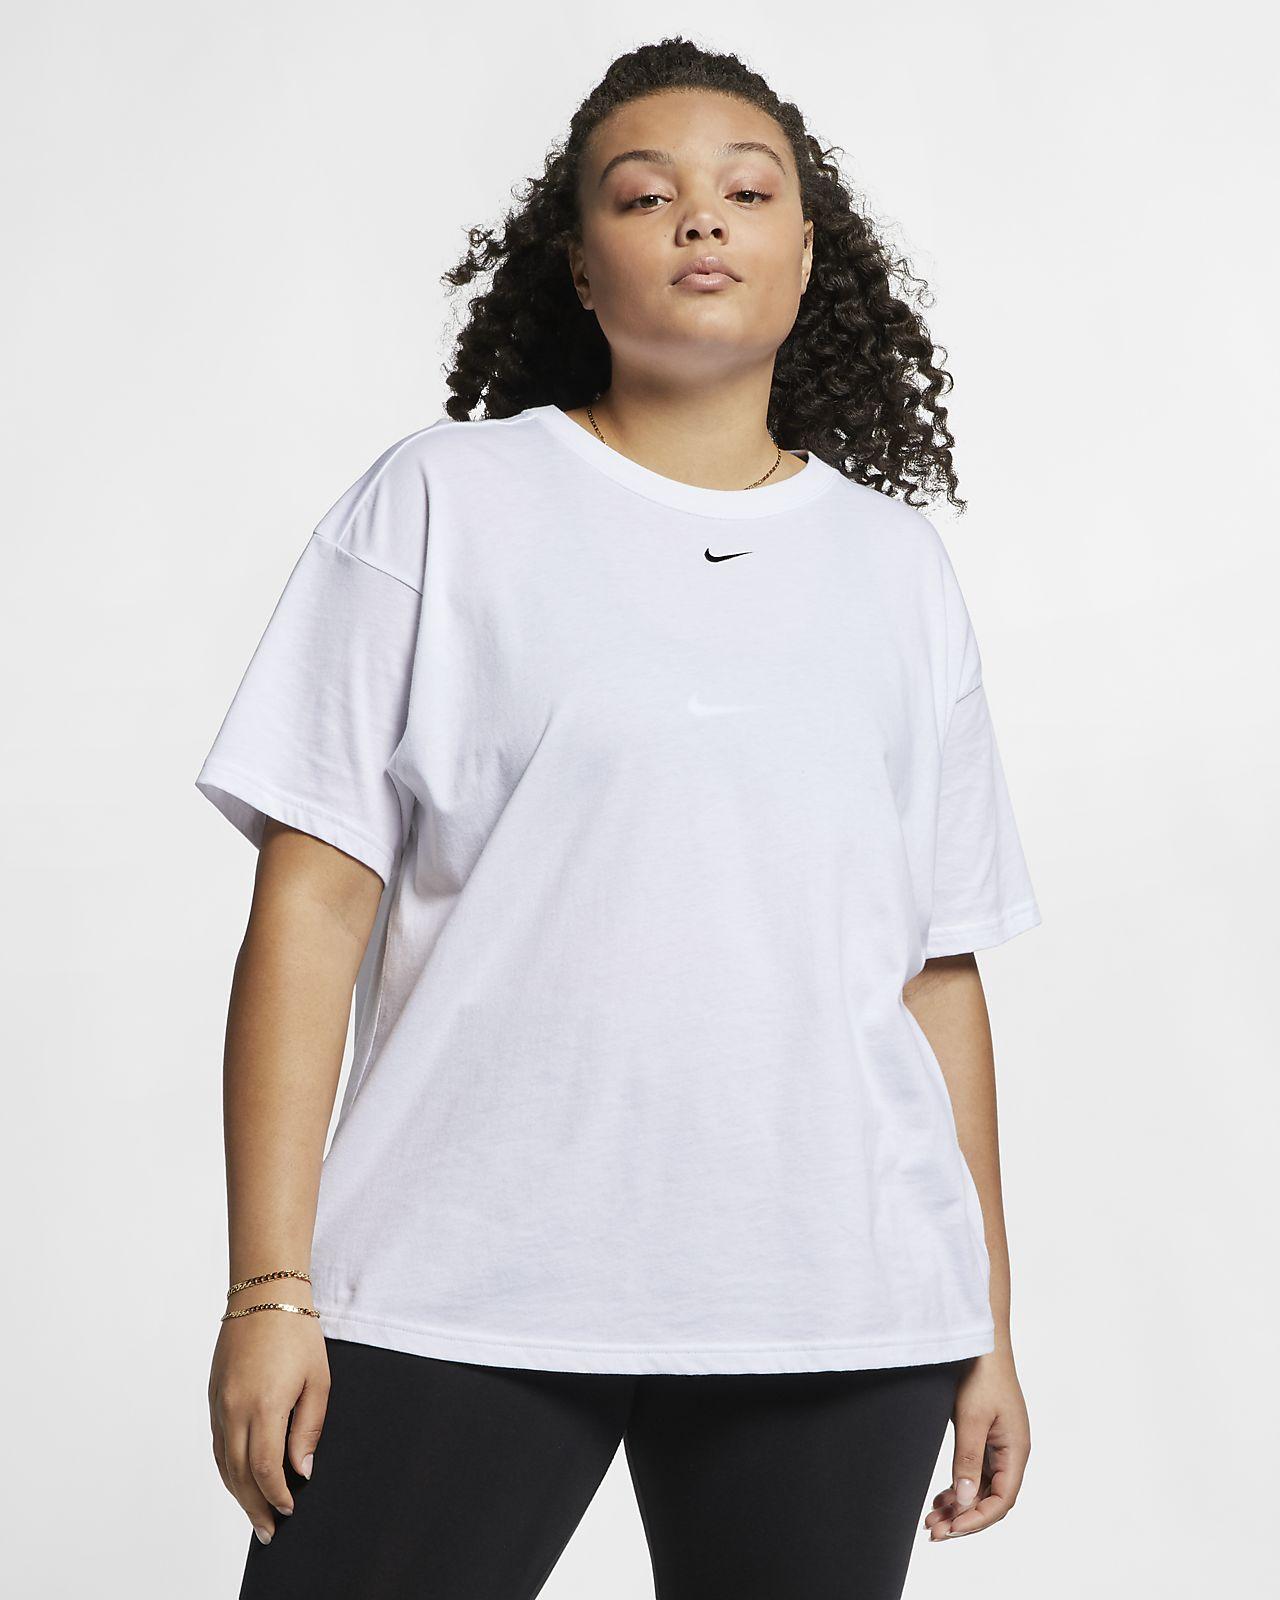 new product 5afea 96fca ... Kortärmad tröja Nike Sportswear Essential för kvinnor (Plus Size)